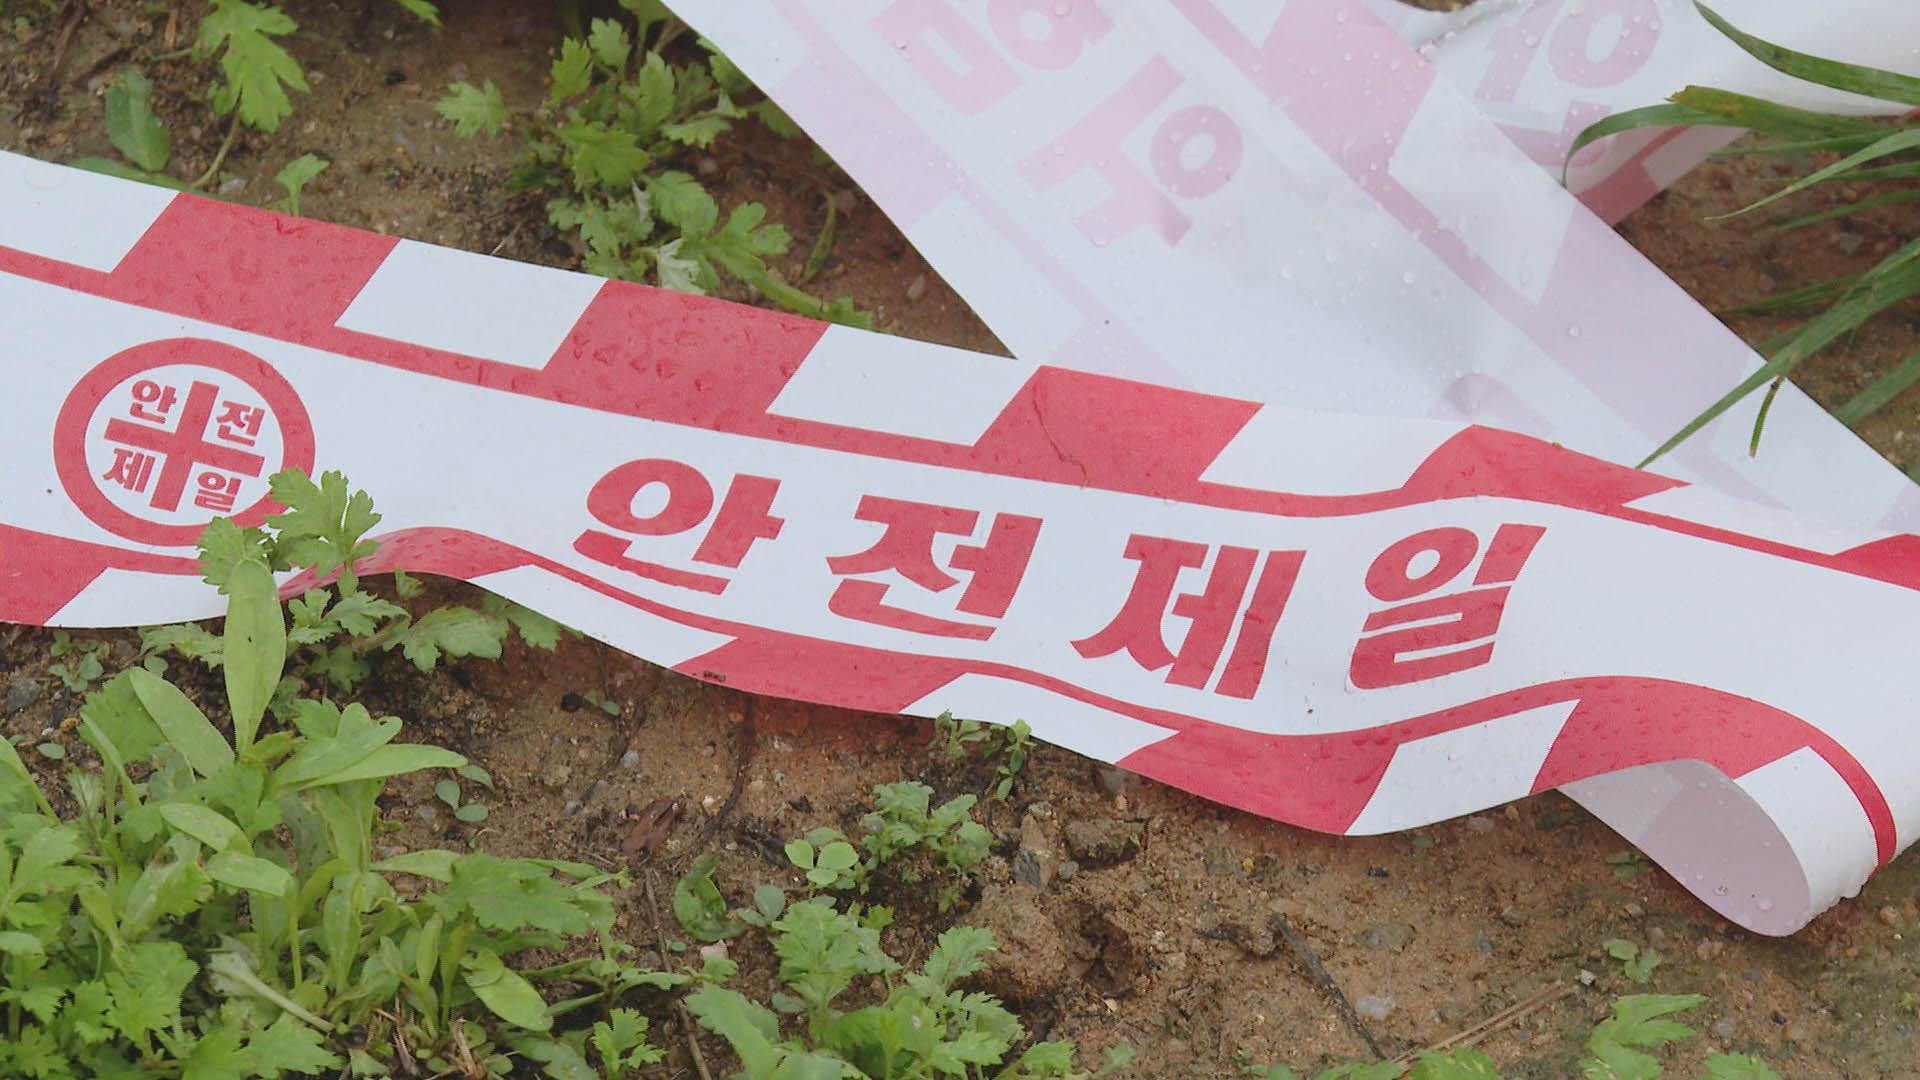 '위험경고' 있으나마나…잇딴 사고에도 안전불감증